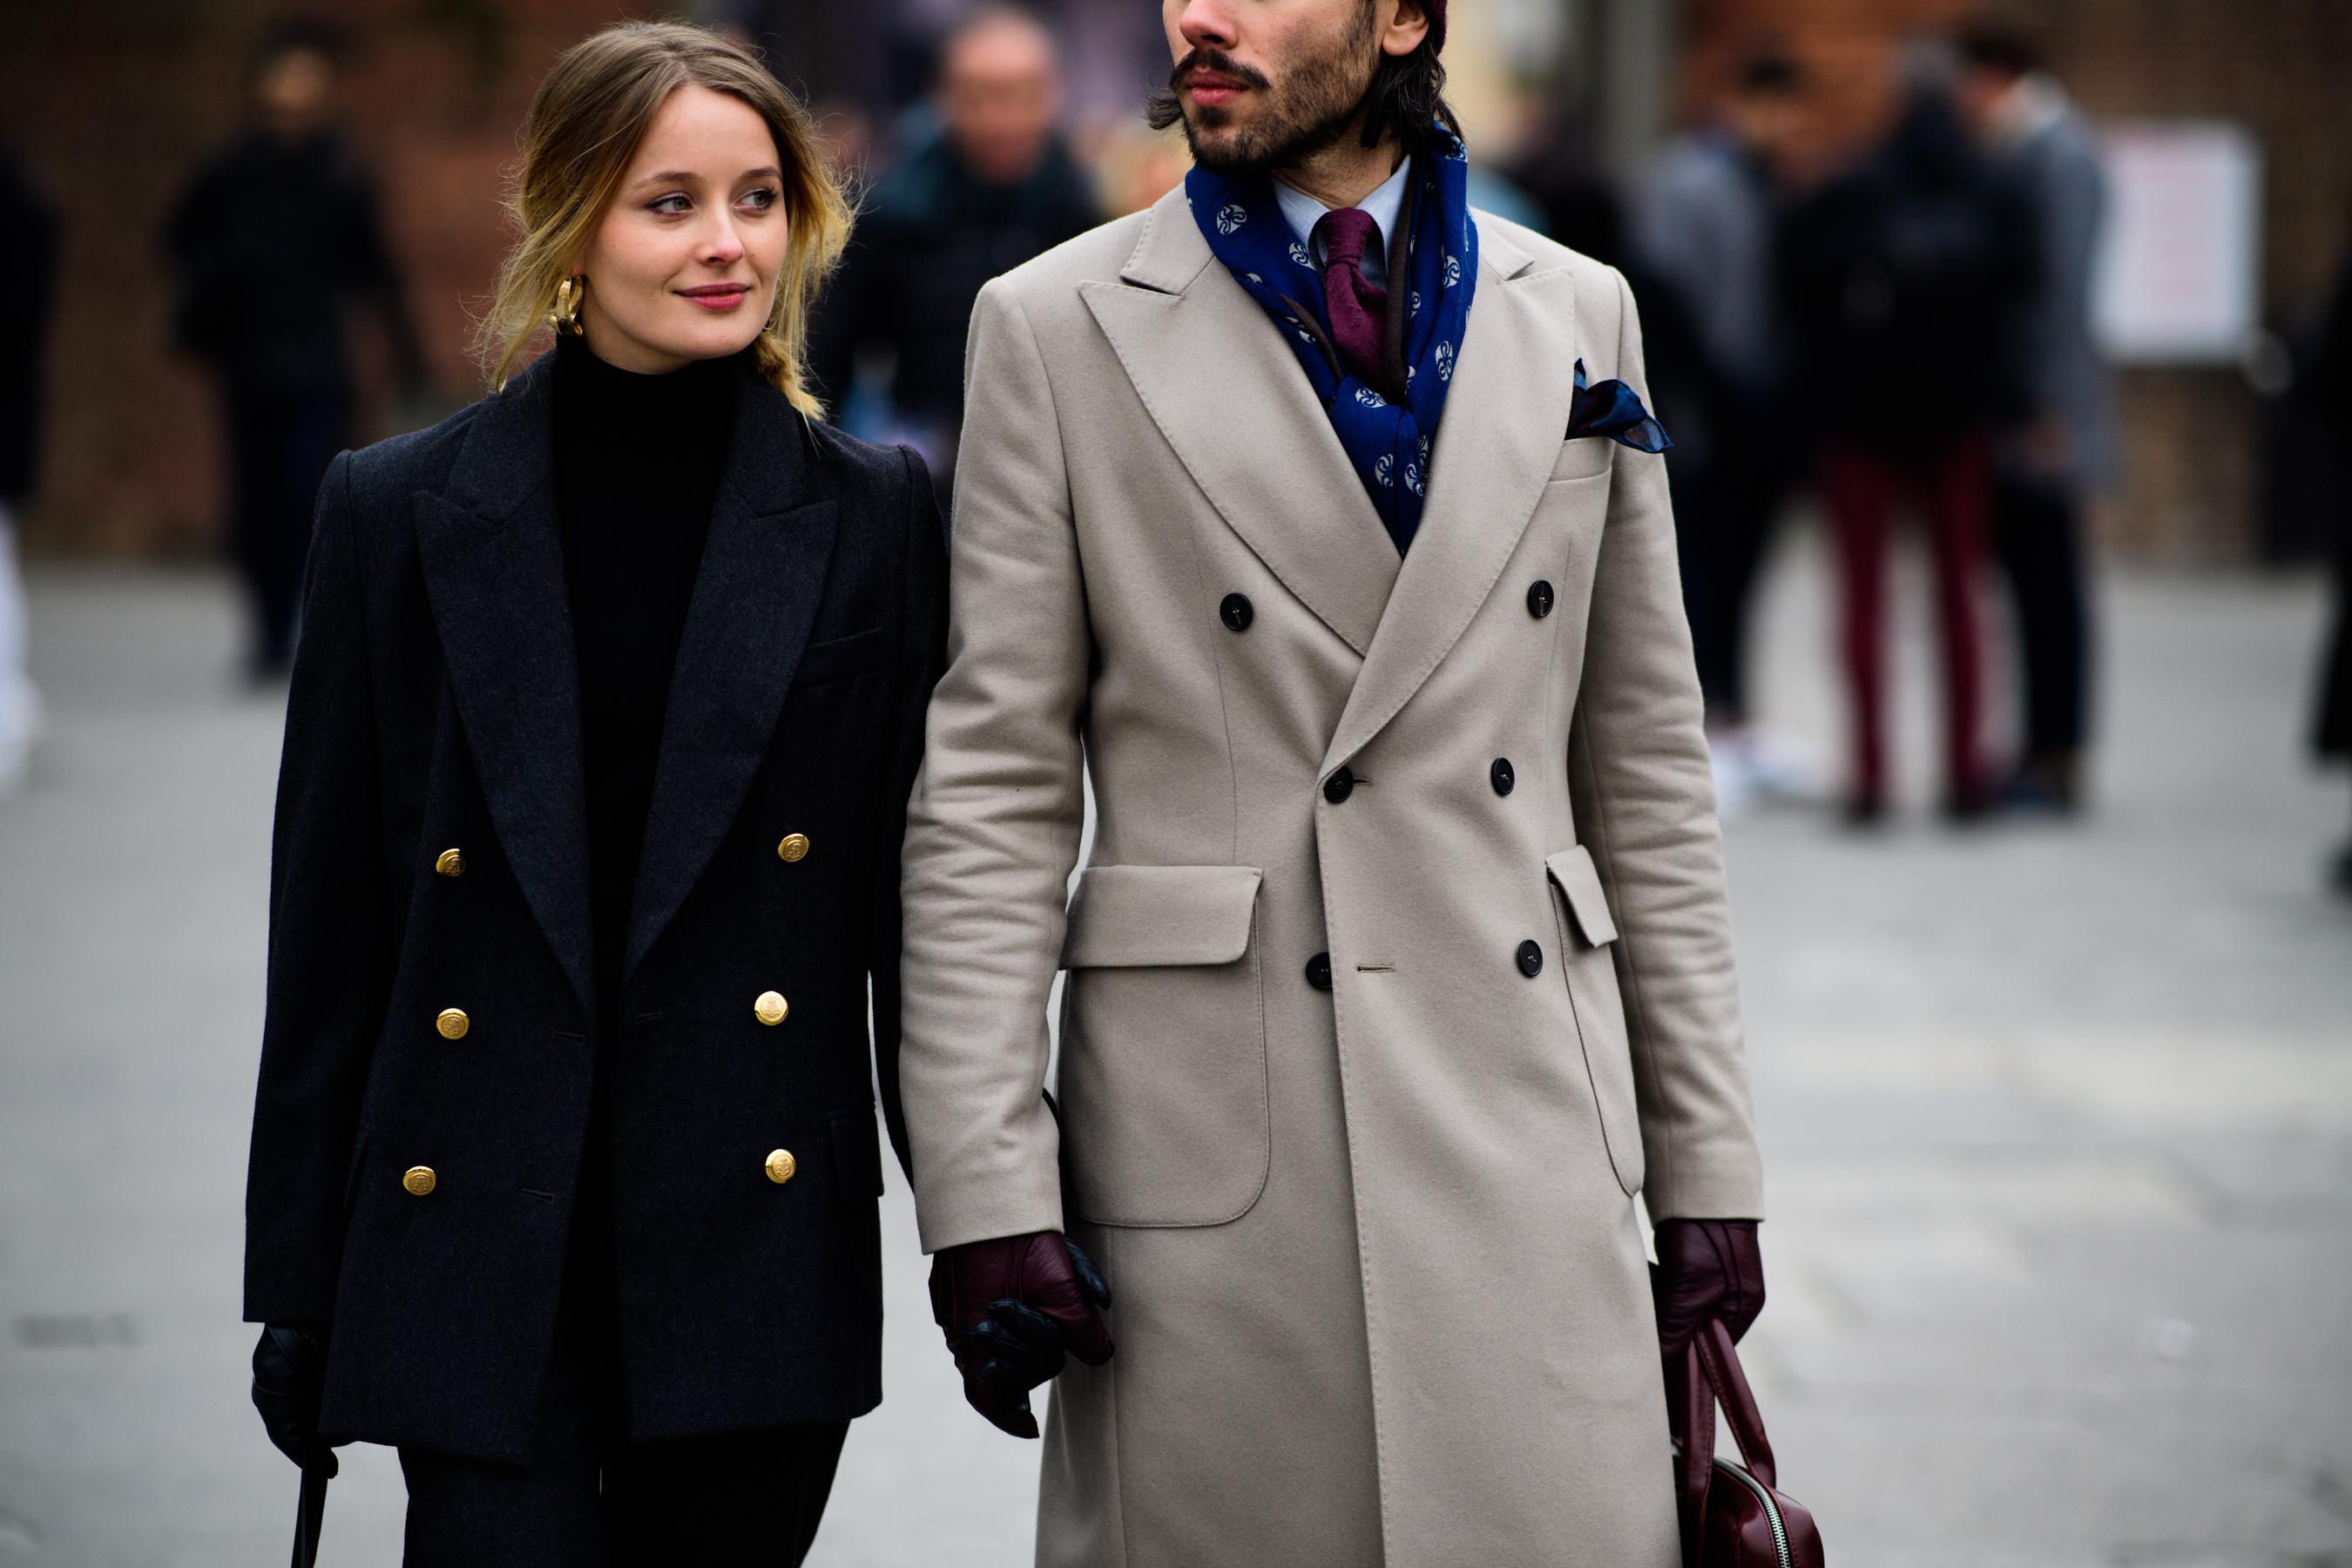 Pitti Uomo 91, street style, estilo de rua, florença, feira de moda, moda masculina, blog de moda masculina, alex cursino, menswear, dicas de moda, como ser estiloso, (15)